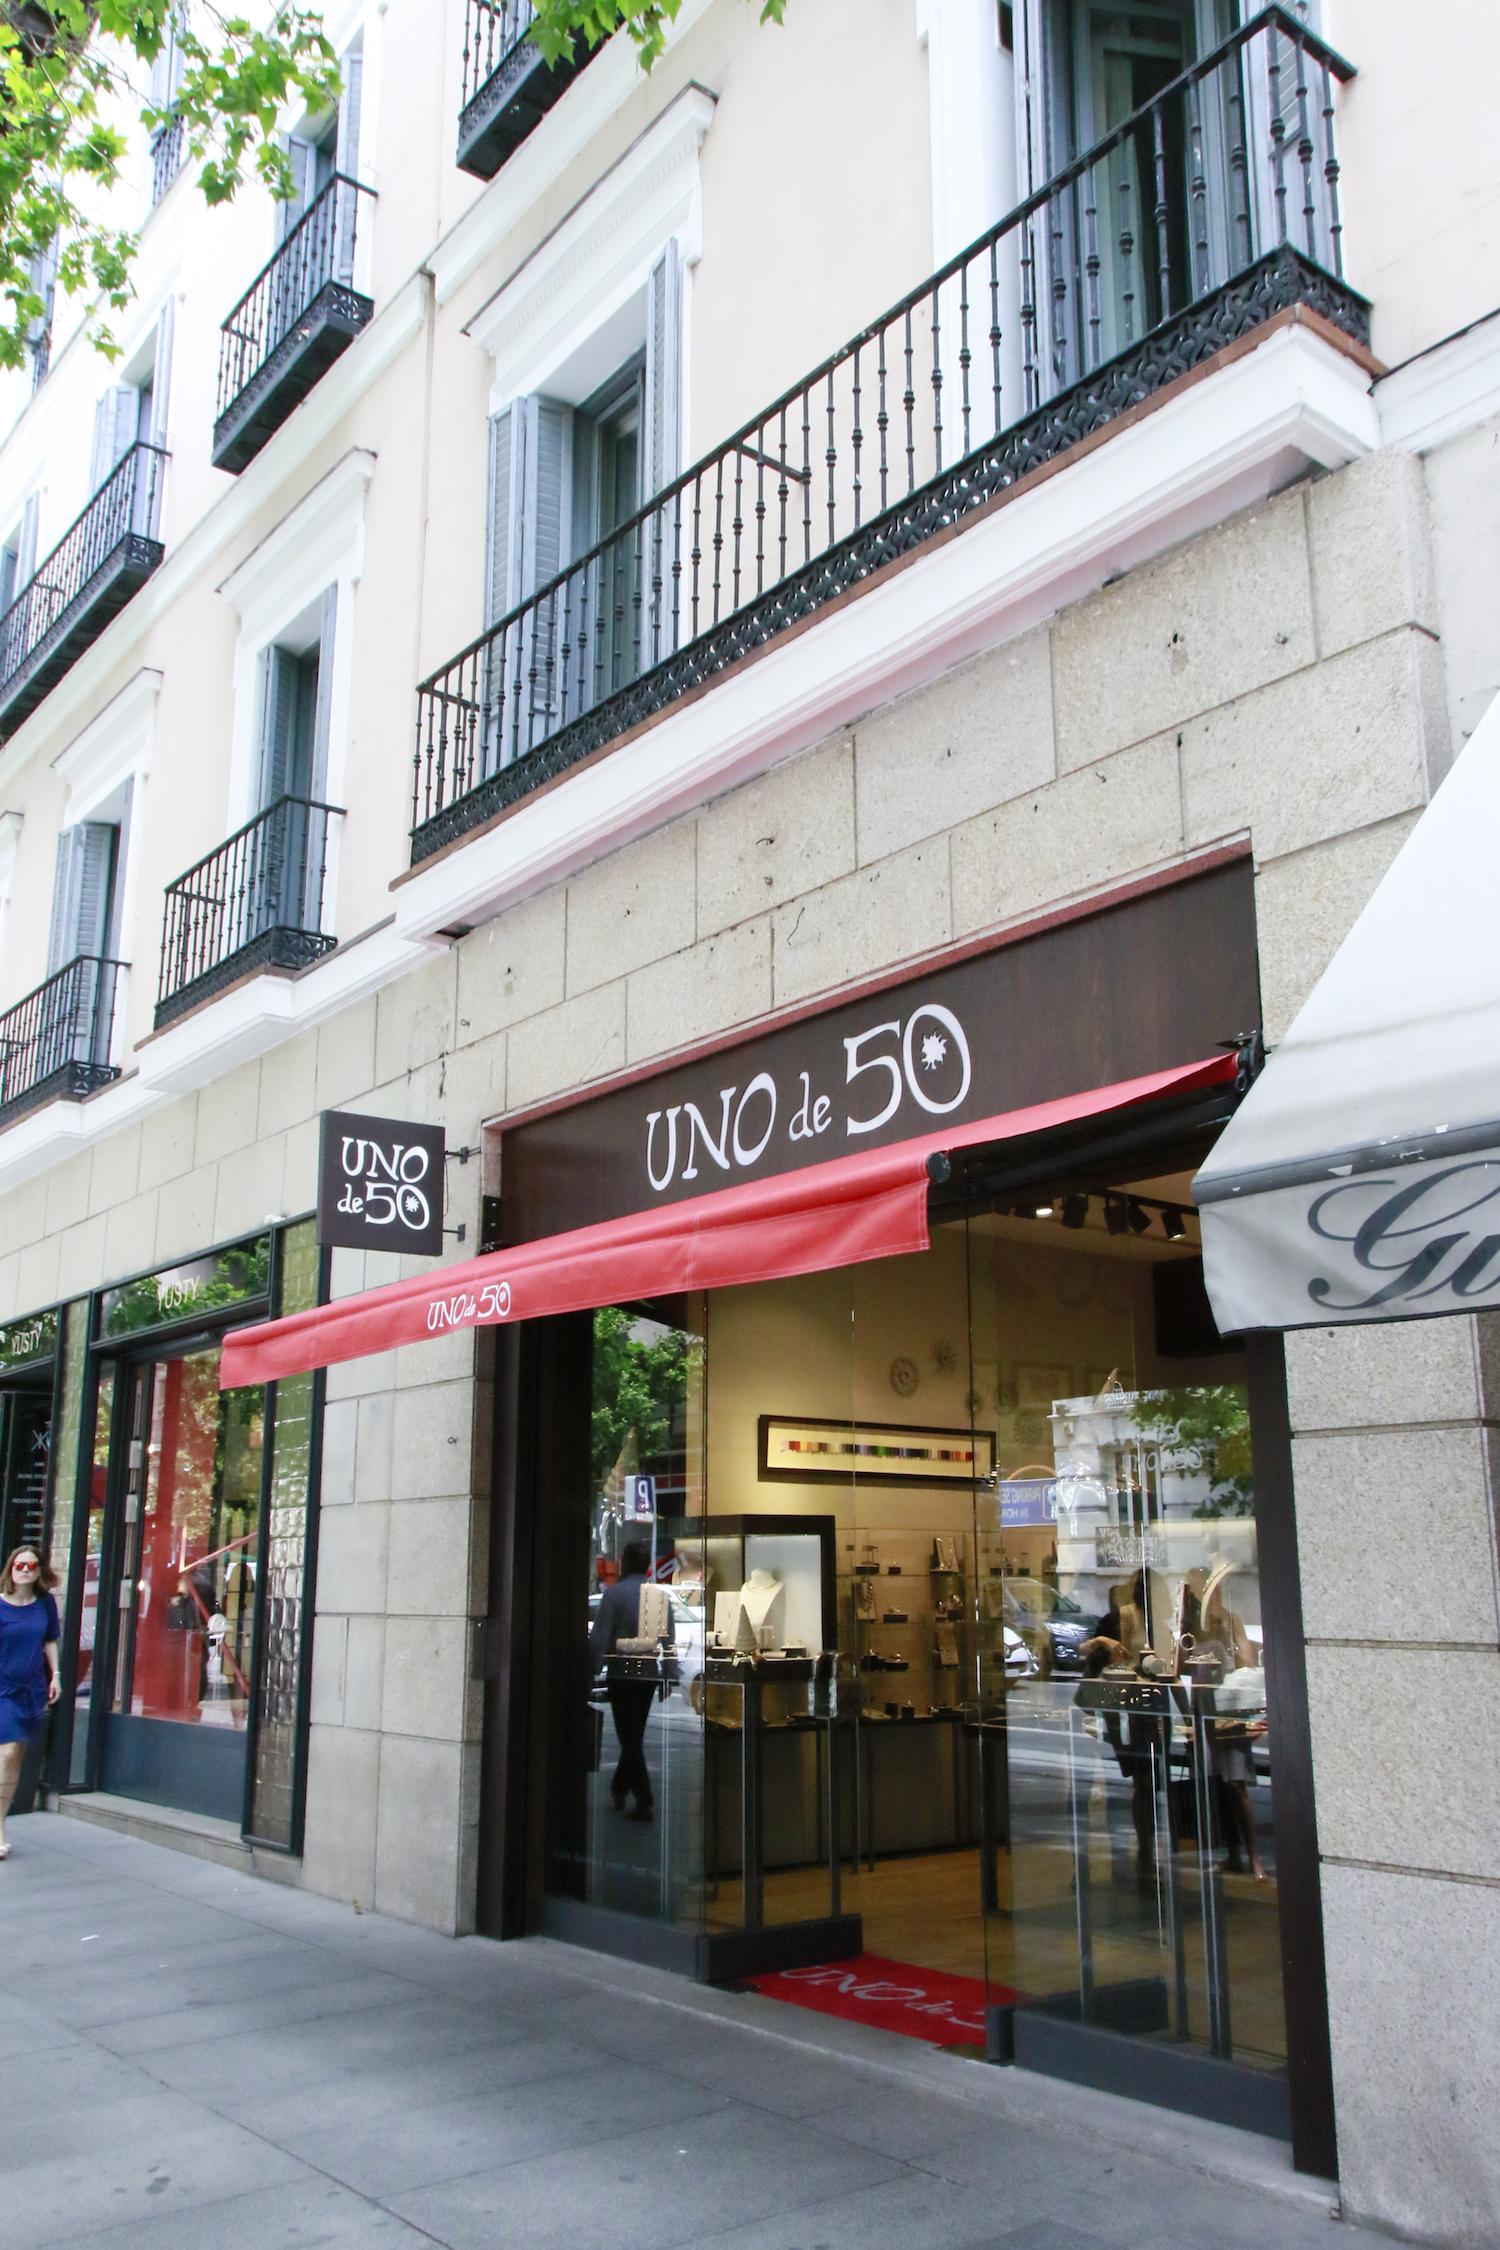 UNOde50-Madrid_1P_26